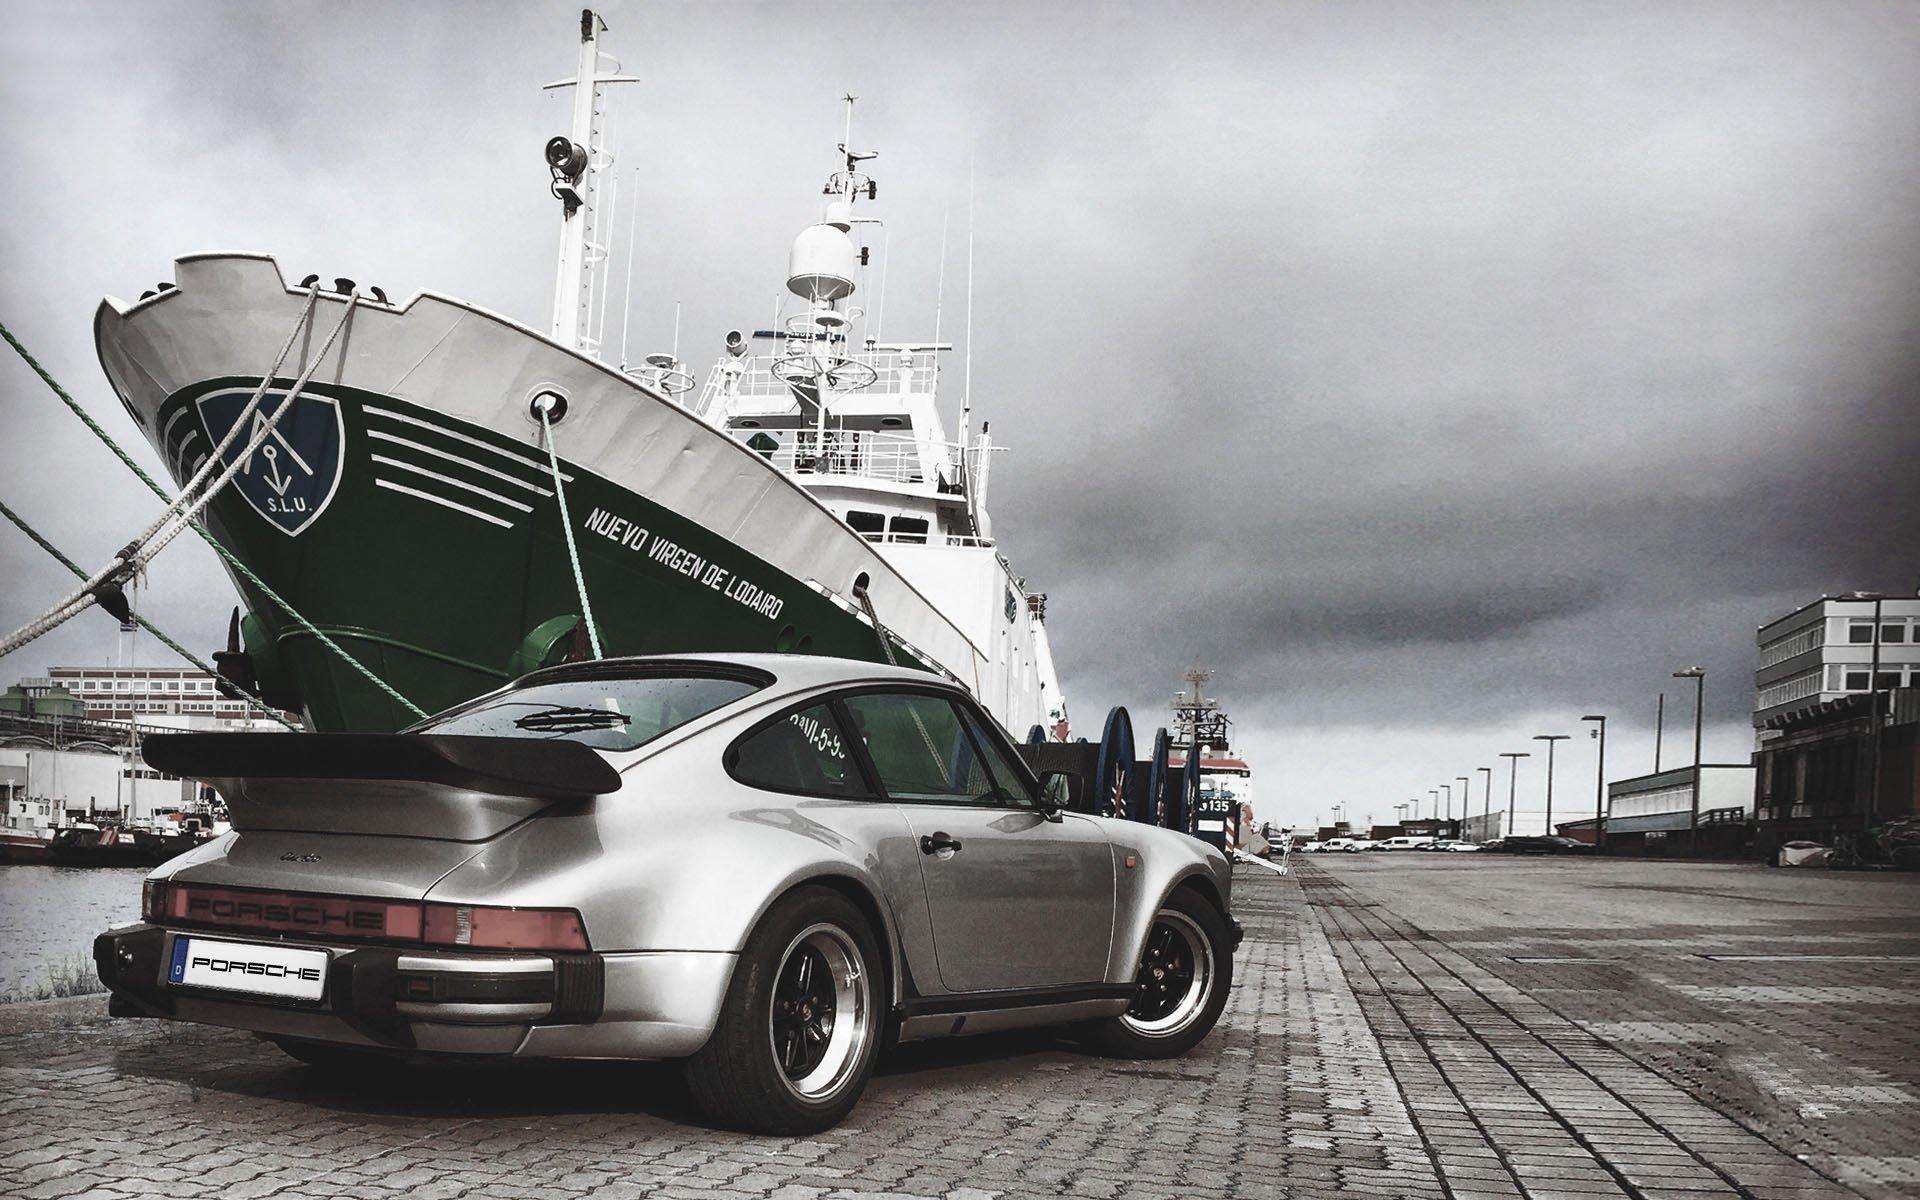 Porsche 911 Turbo 1981 Porsche Of The Month 2015 11